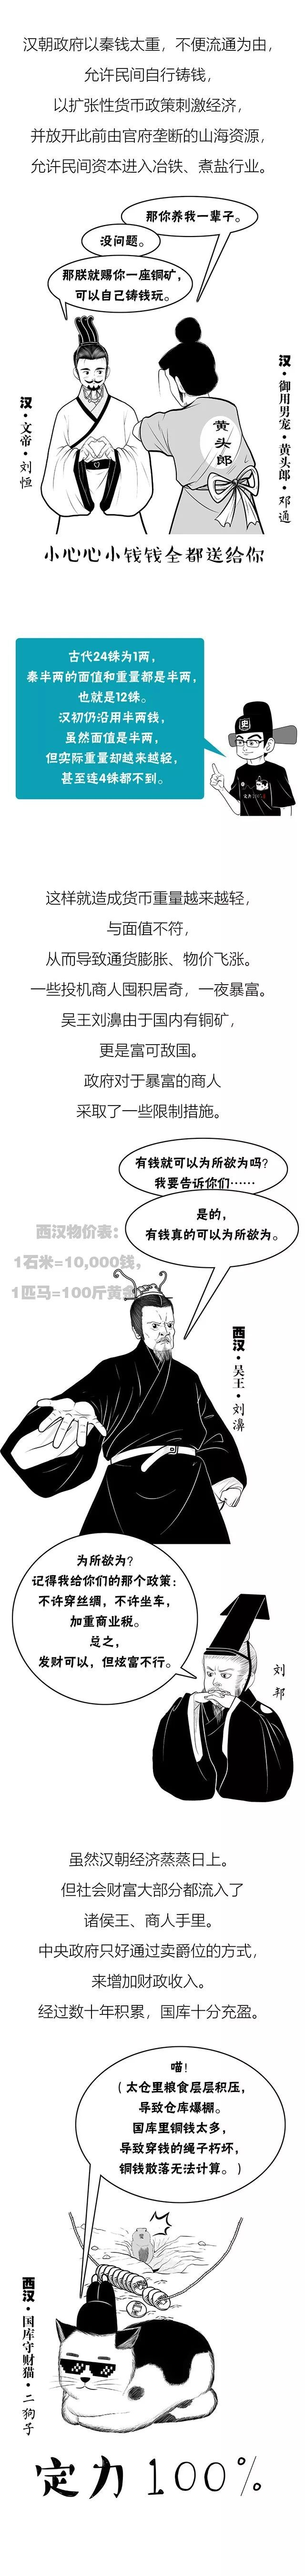 支撑盛世的汉武帝财政:割完韭菜薅羊毛